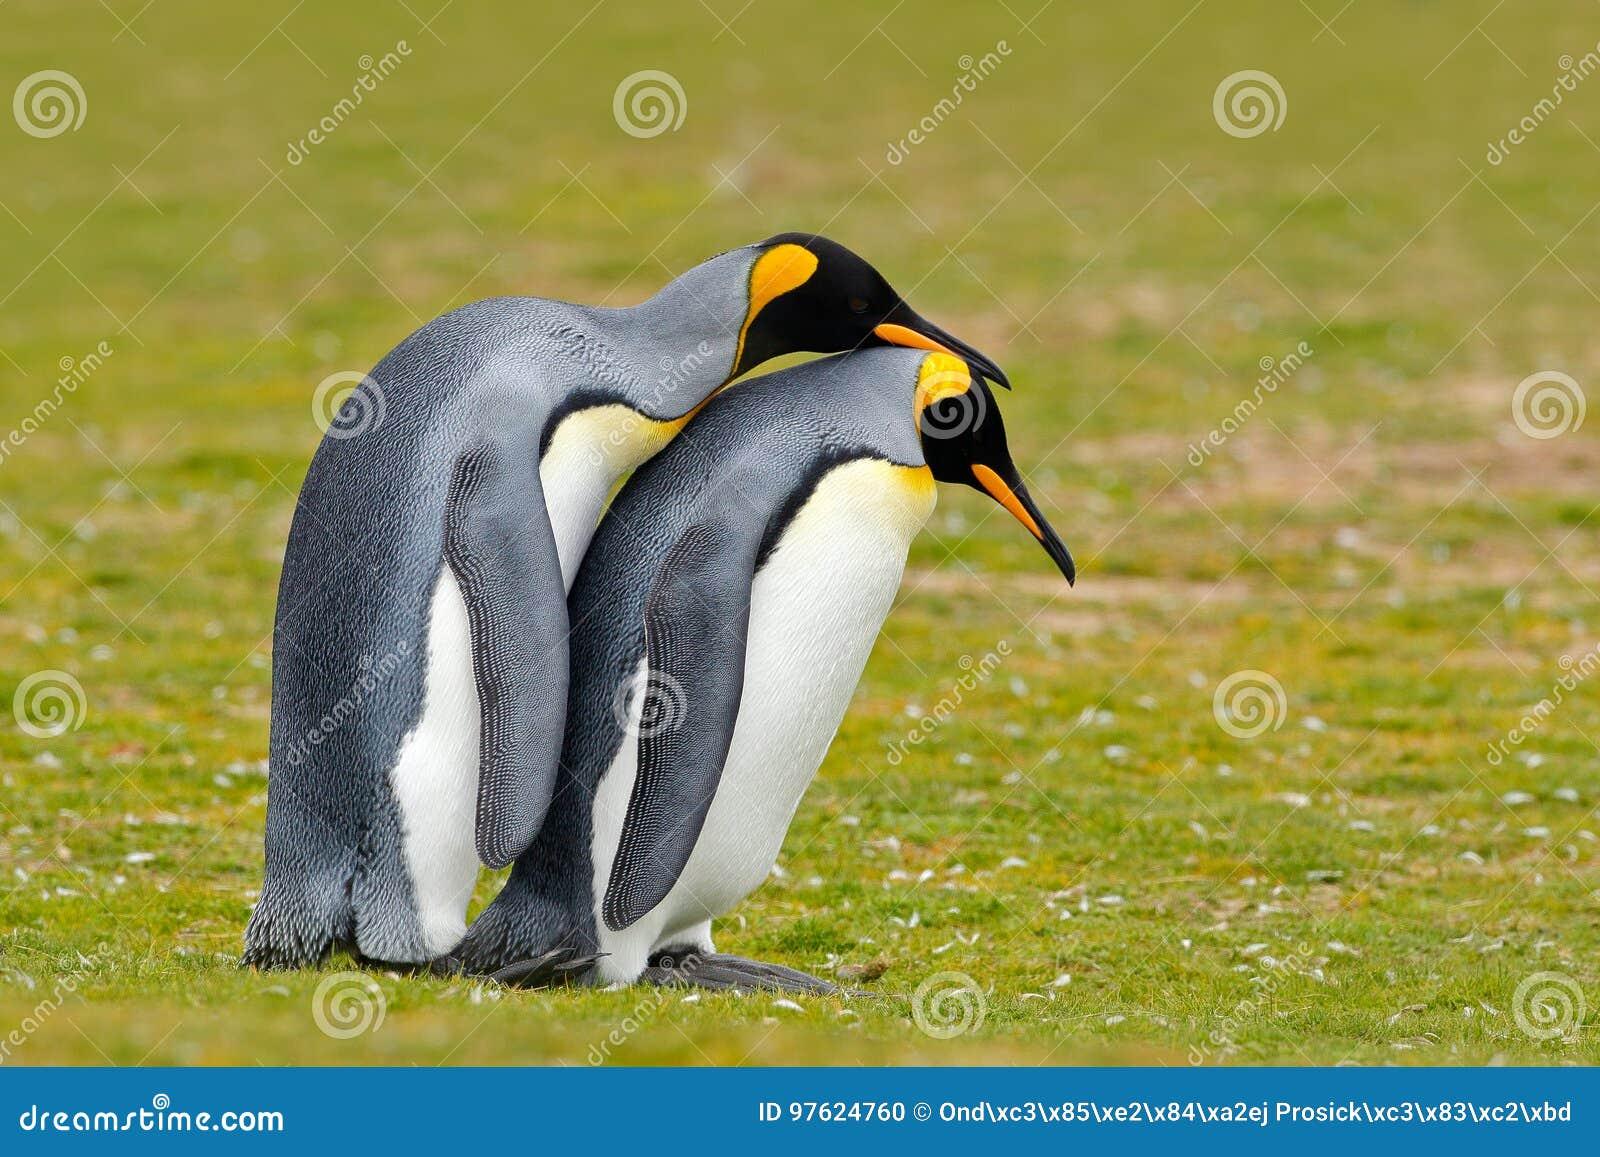 Dierlijke Liefde Het paar van de koningspinguïn geknuffel, wilde aard, groene achtergrond Twee pinguïnen die liefde maken In het